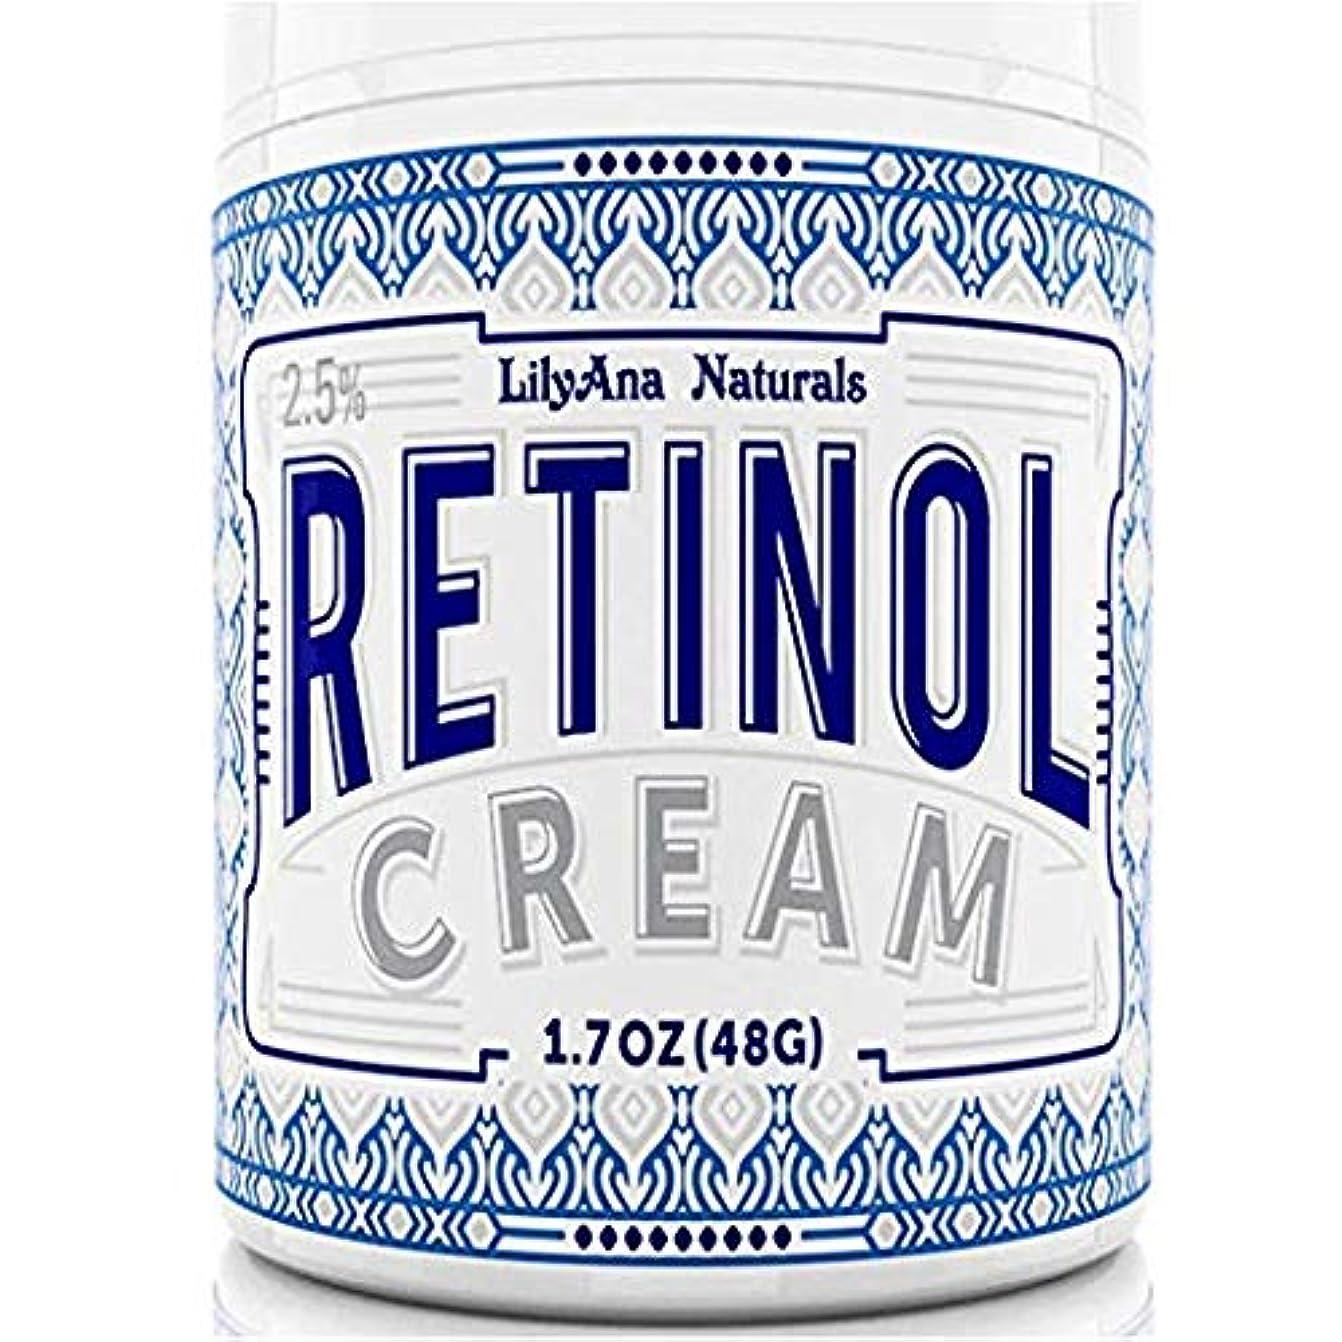 アセンブリ急いで合併LilyAna 社 の レチノール モイスチャー クリーム LilyAna Naturals Retinol Cream Moisturizer 1.7 Oz